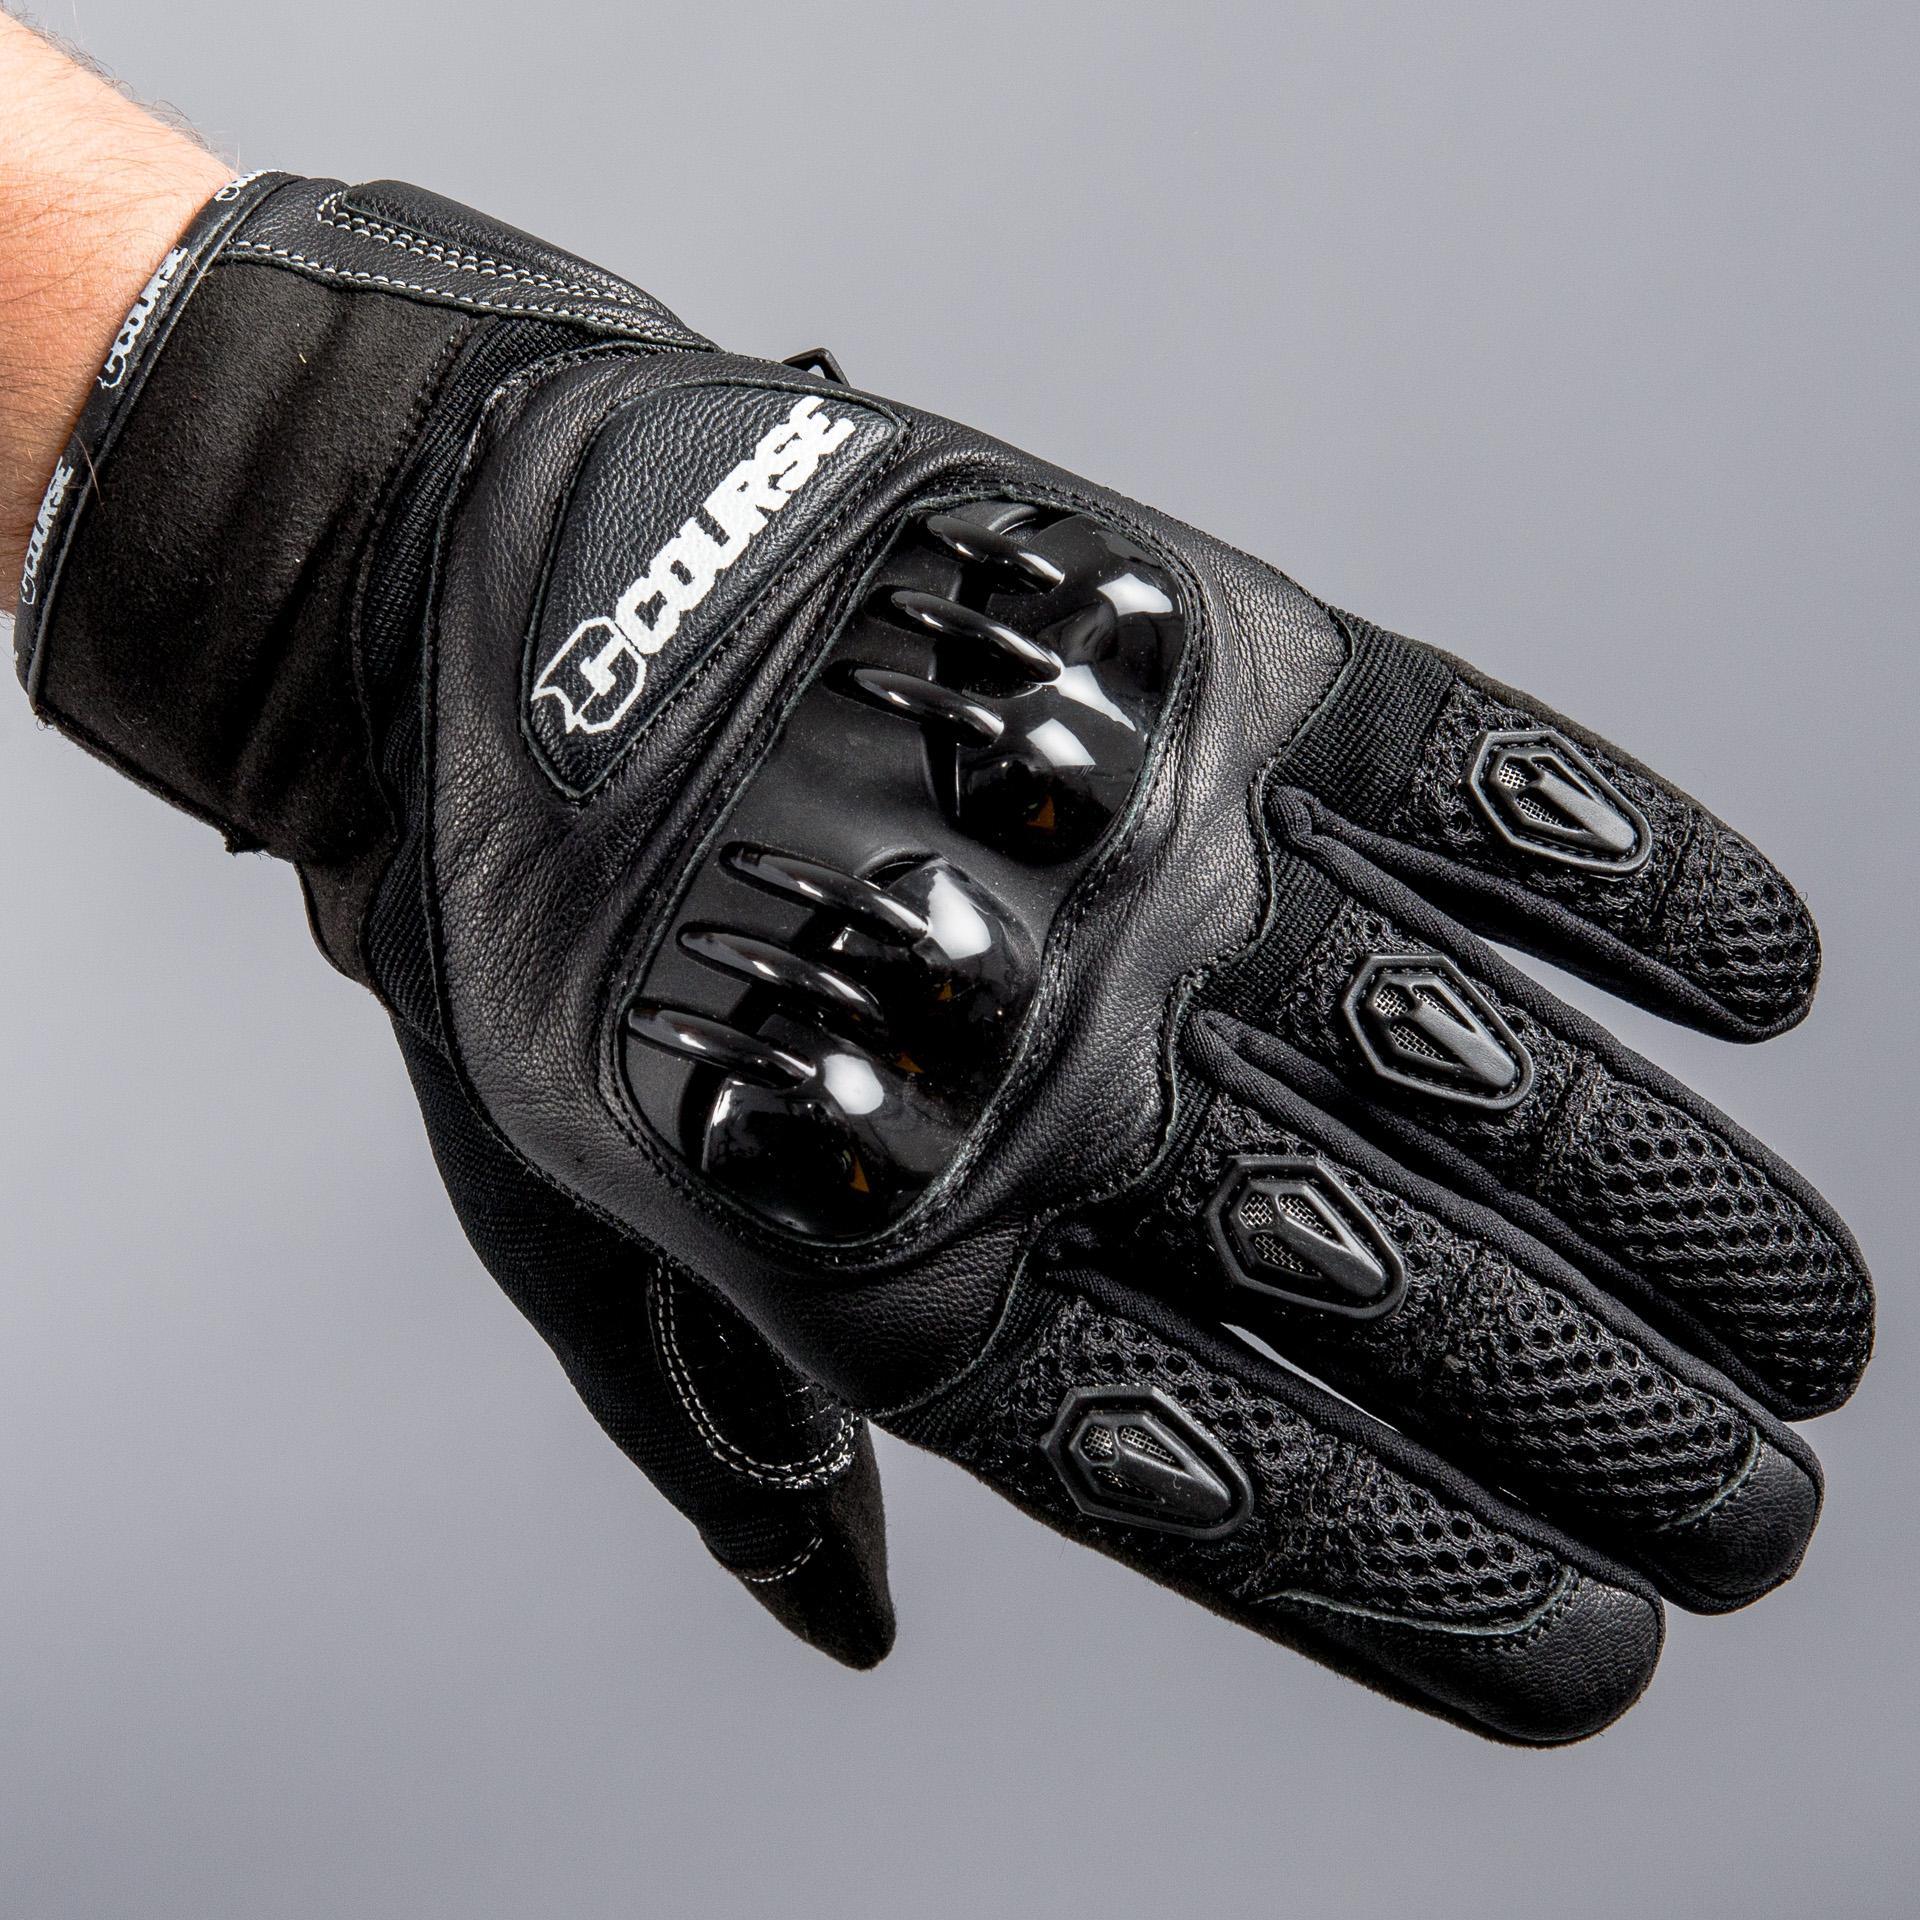 Gants de moto Course Rapid - Noir (Taille XS à 3XL)